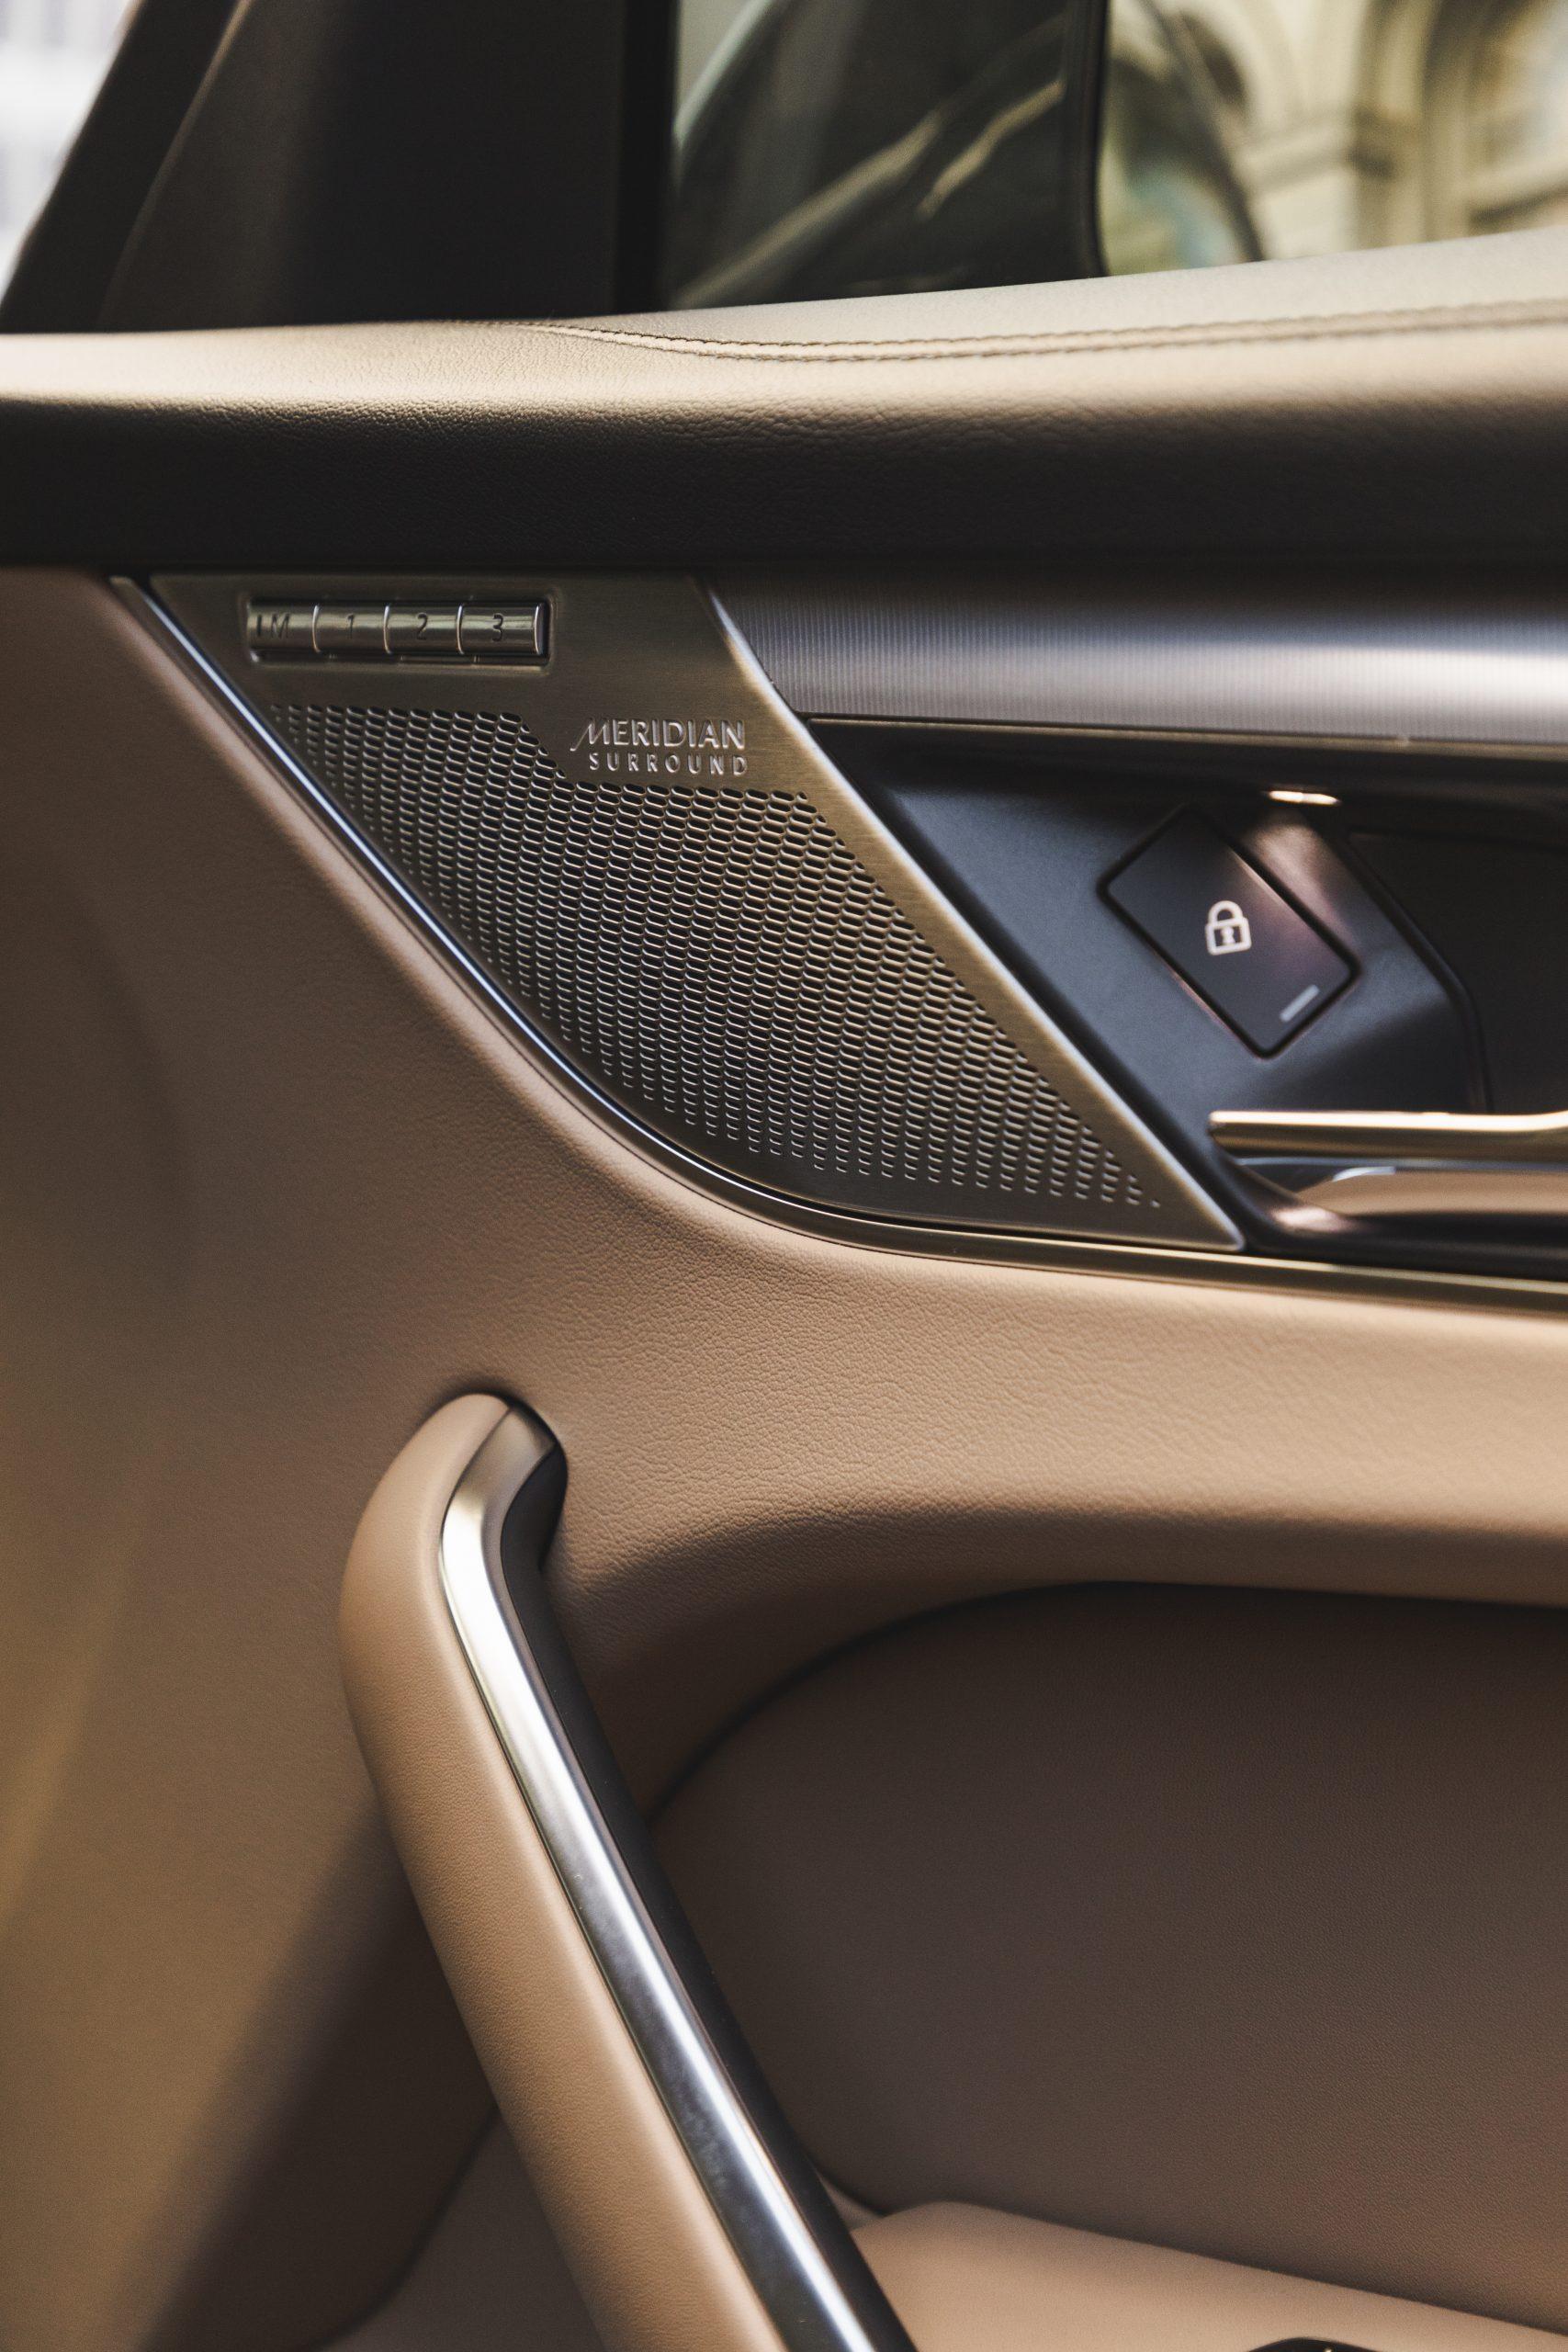 2021 Jaguar F-PACE S P340 interior door meridian speaker